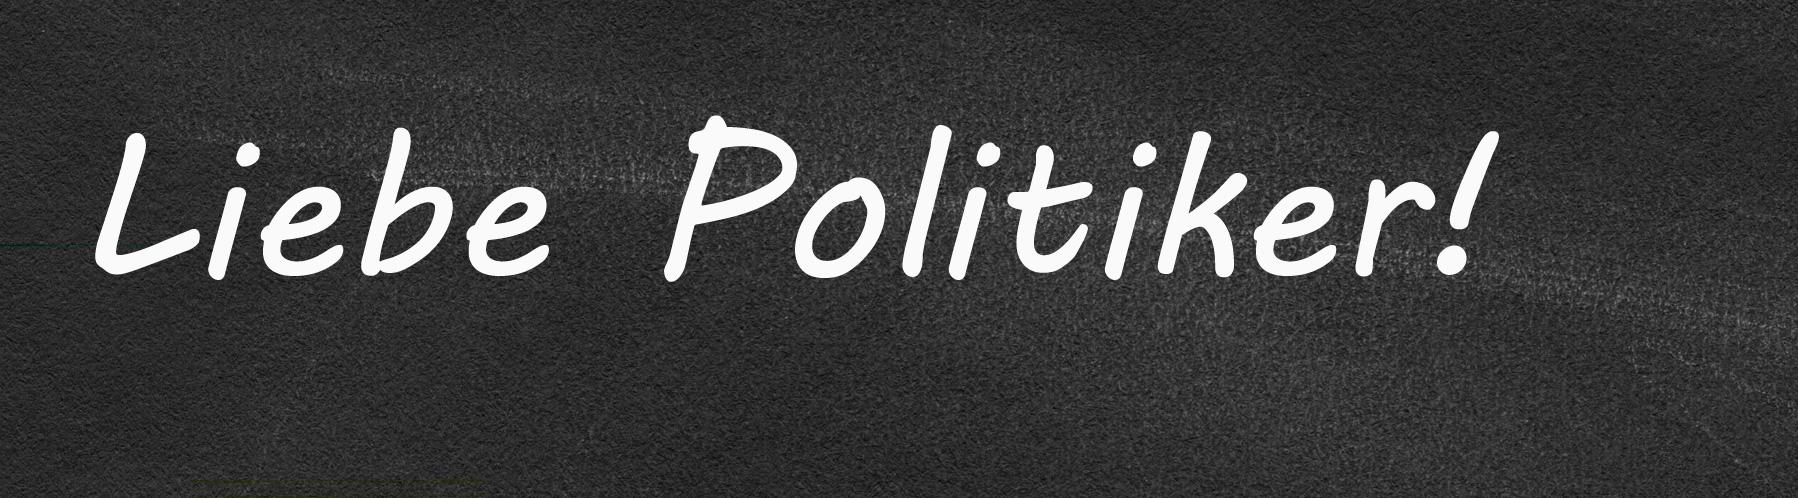 liebepolitiker